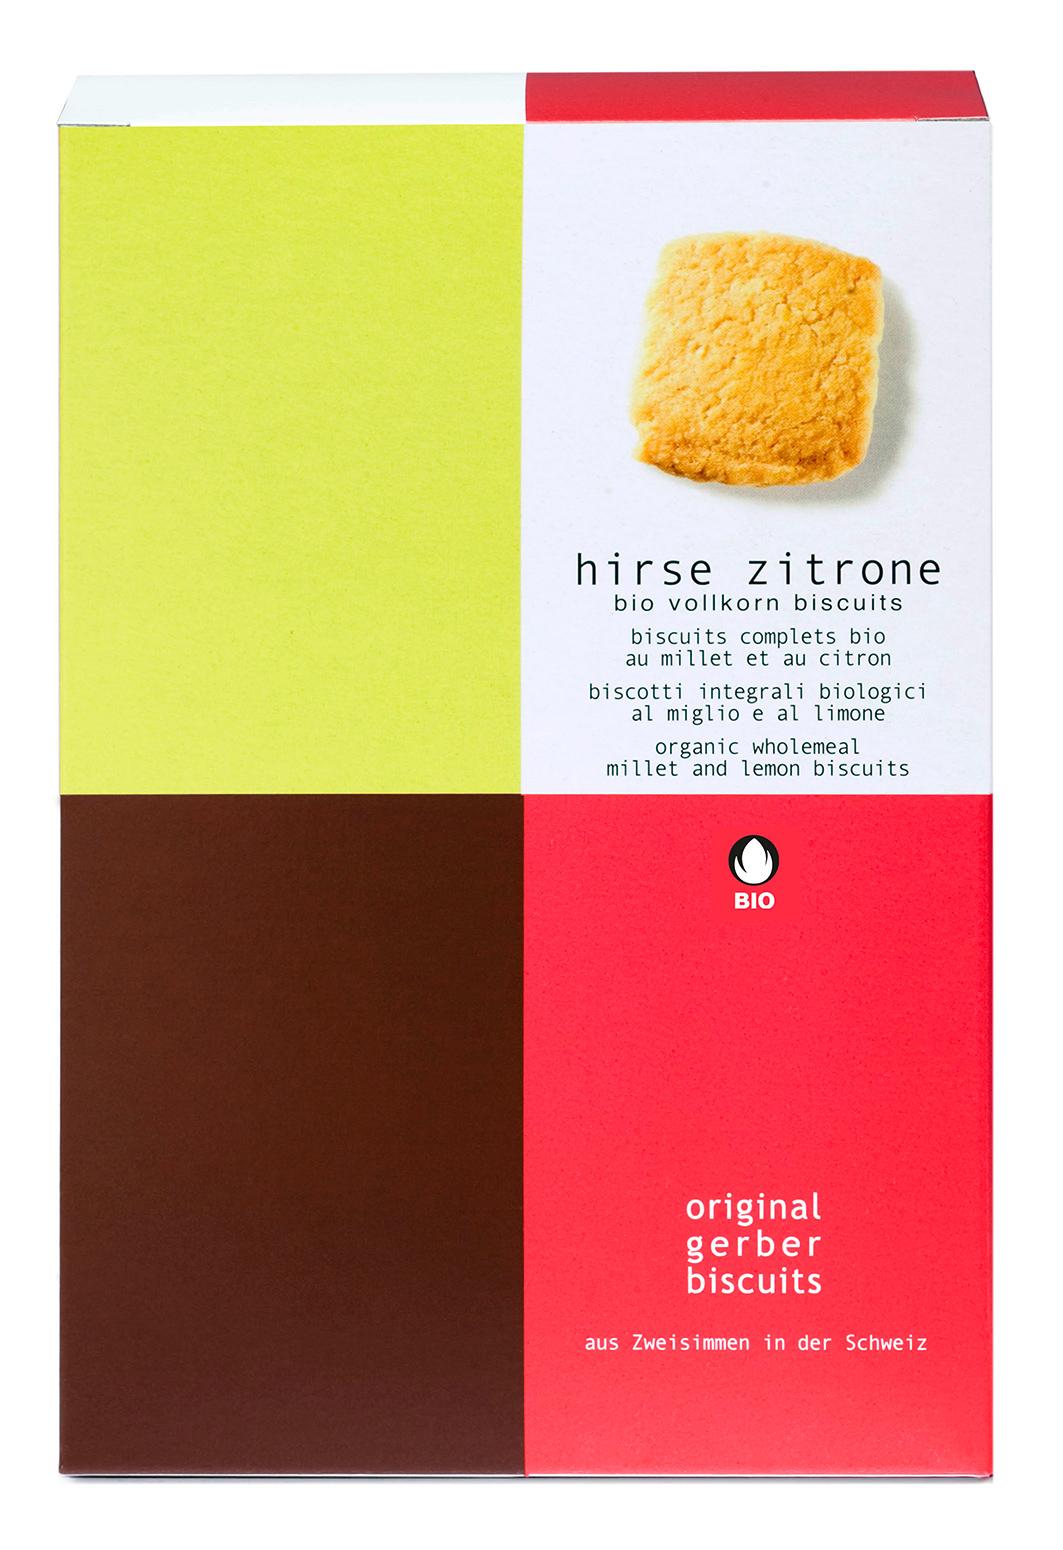 Bio Hirse Zitrone Biscuits